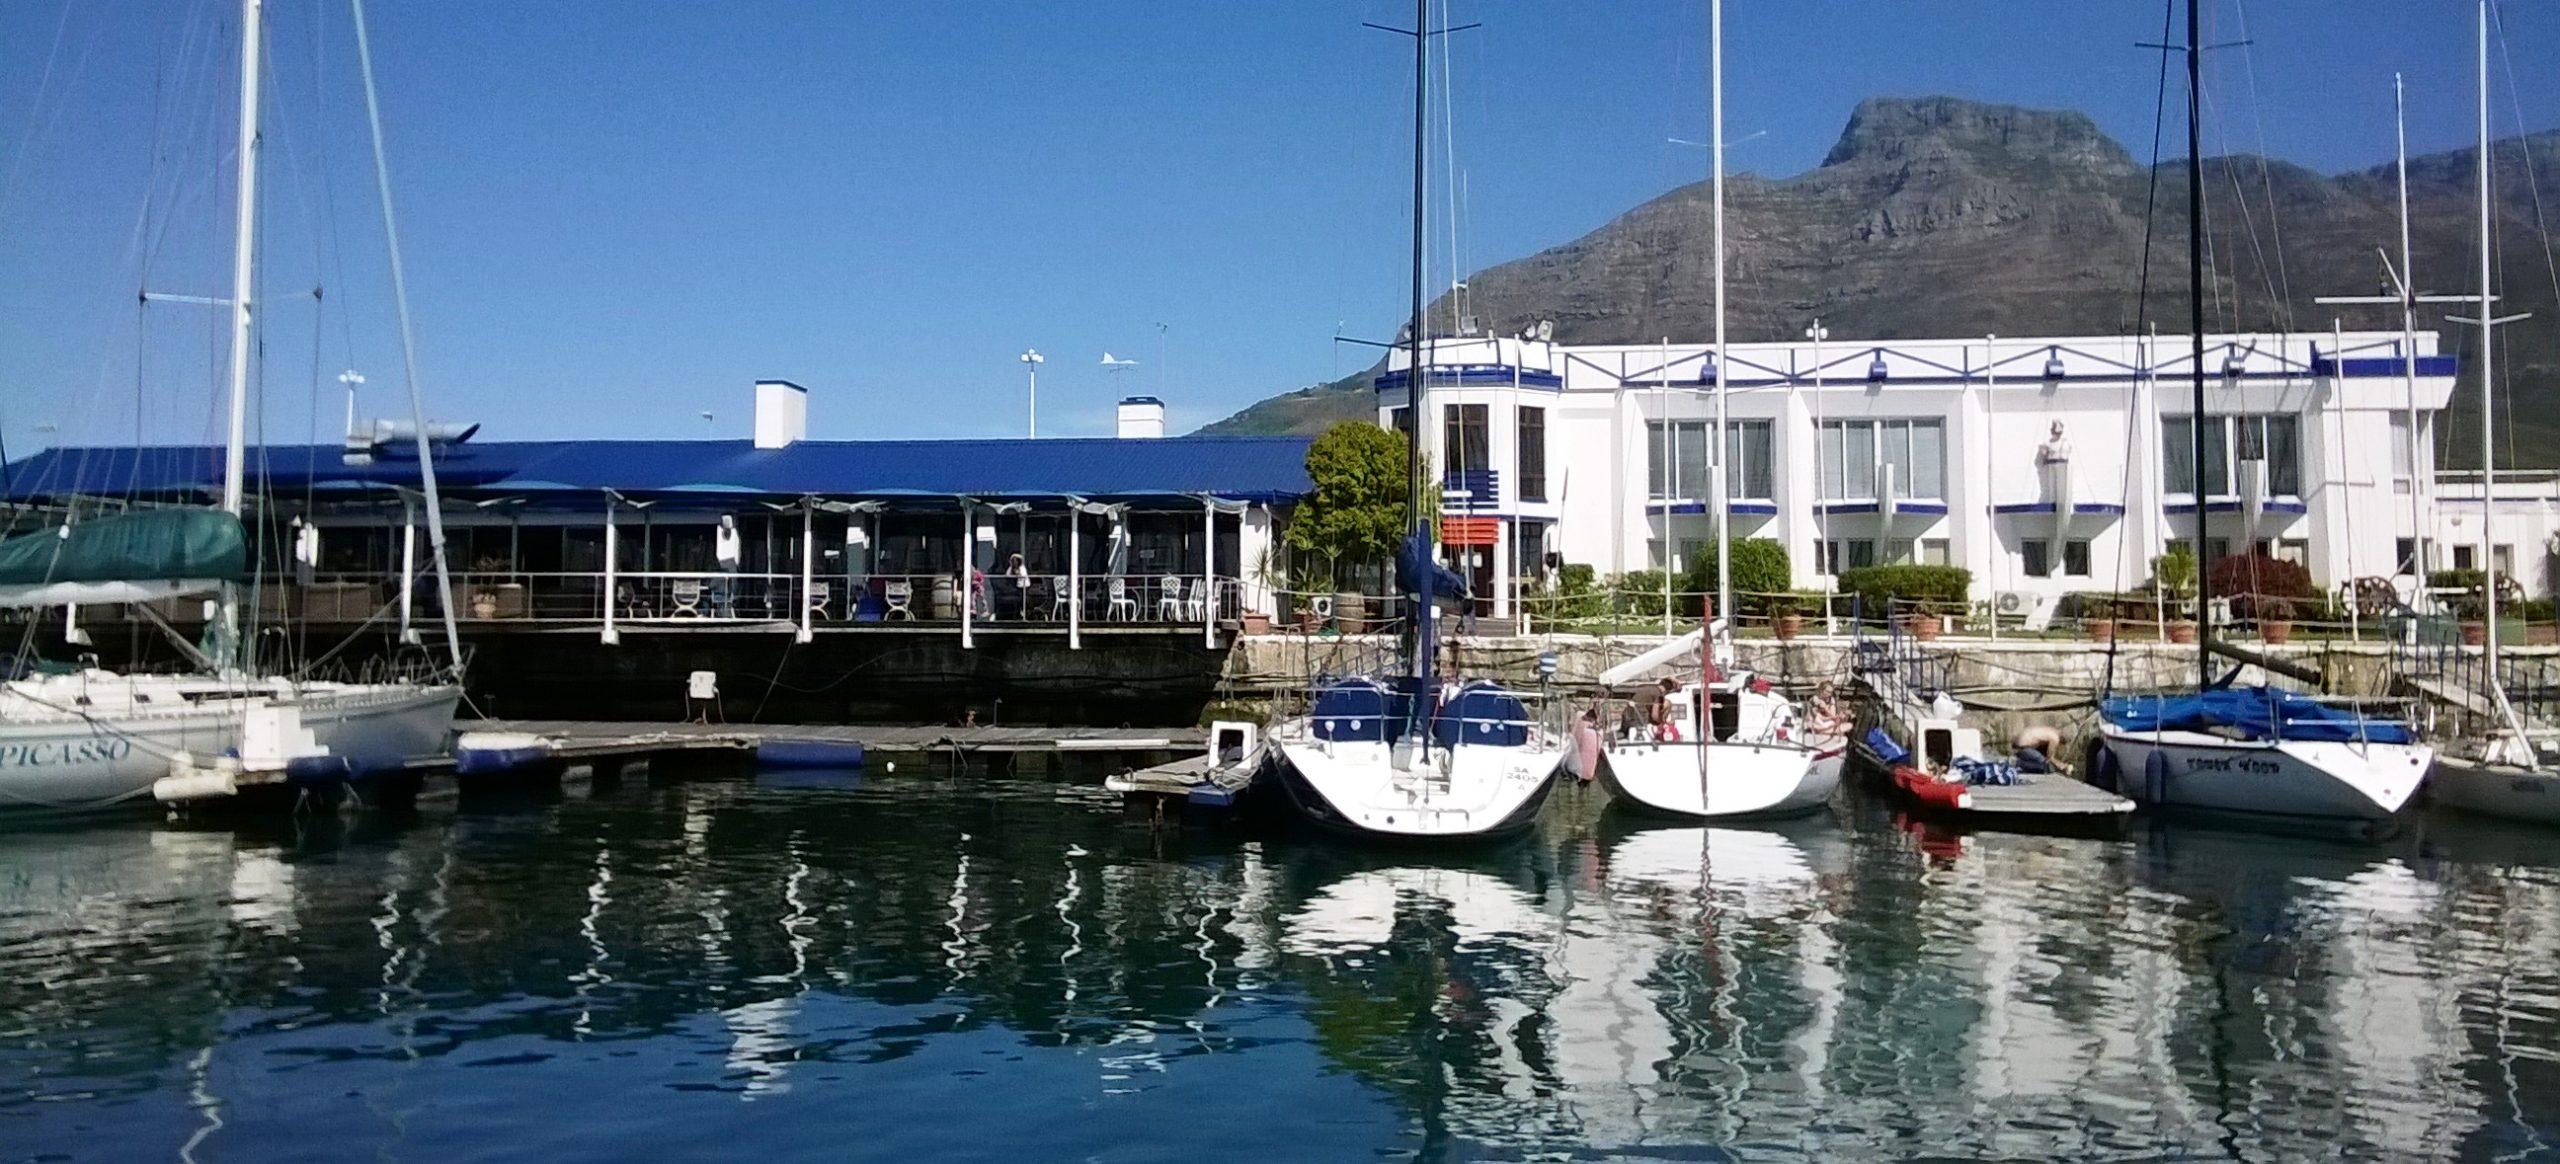 royal cape yacht club duncan dock